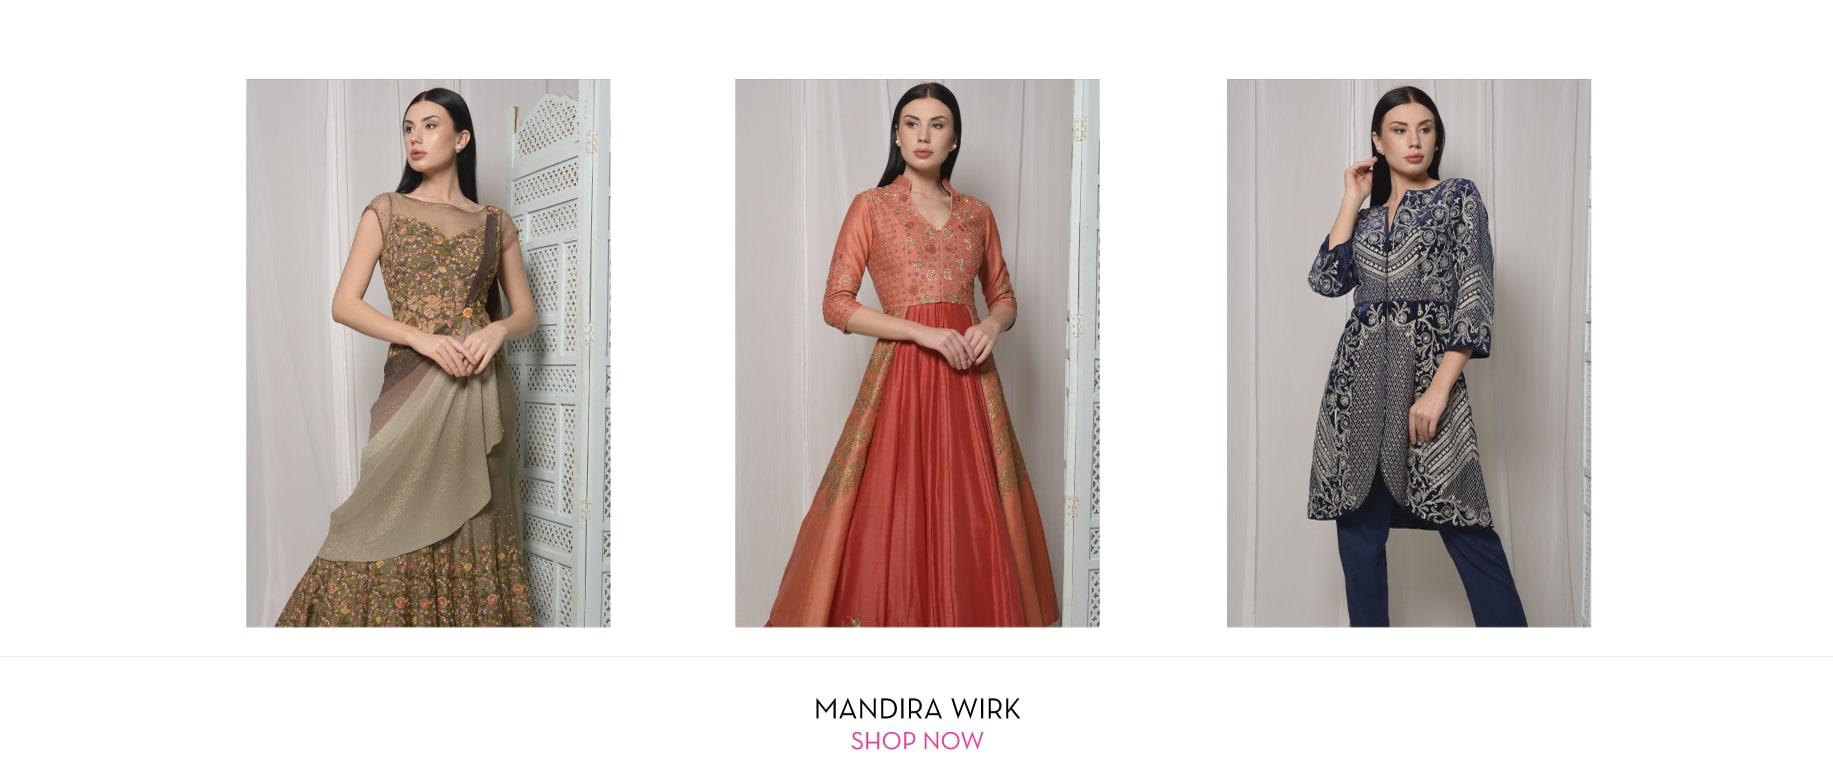 MANDIRA WIRK